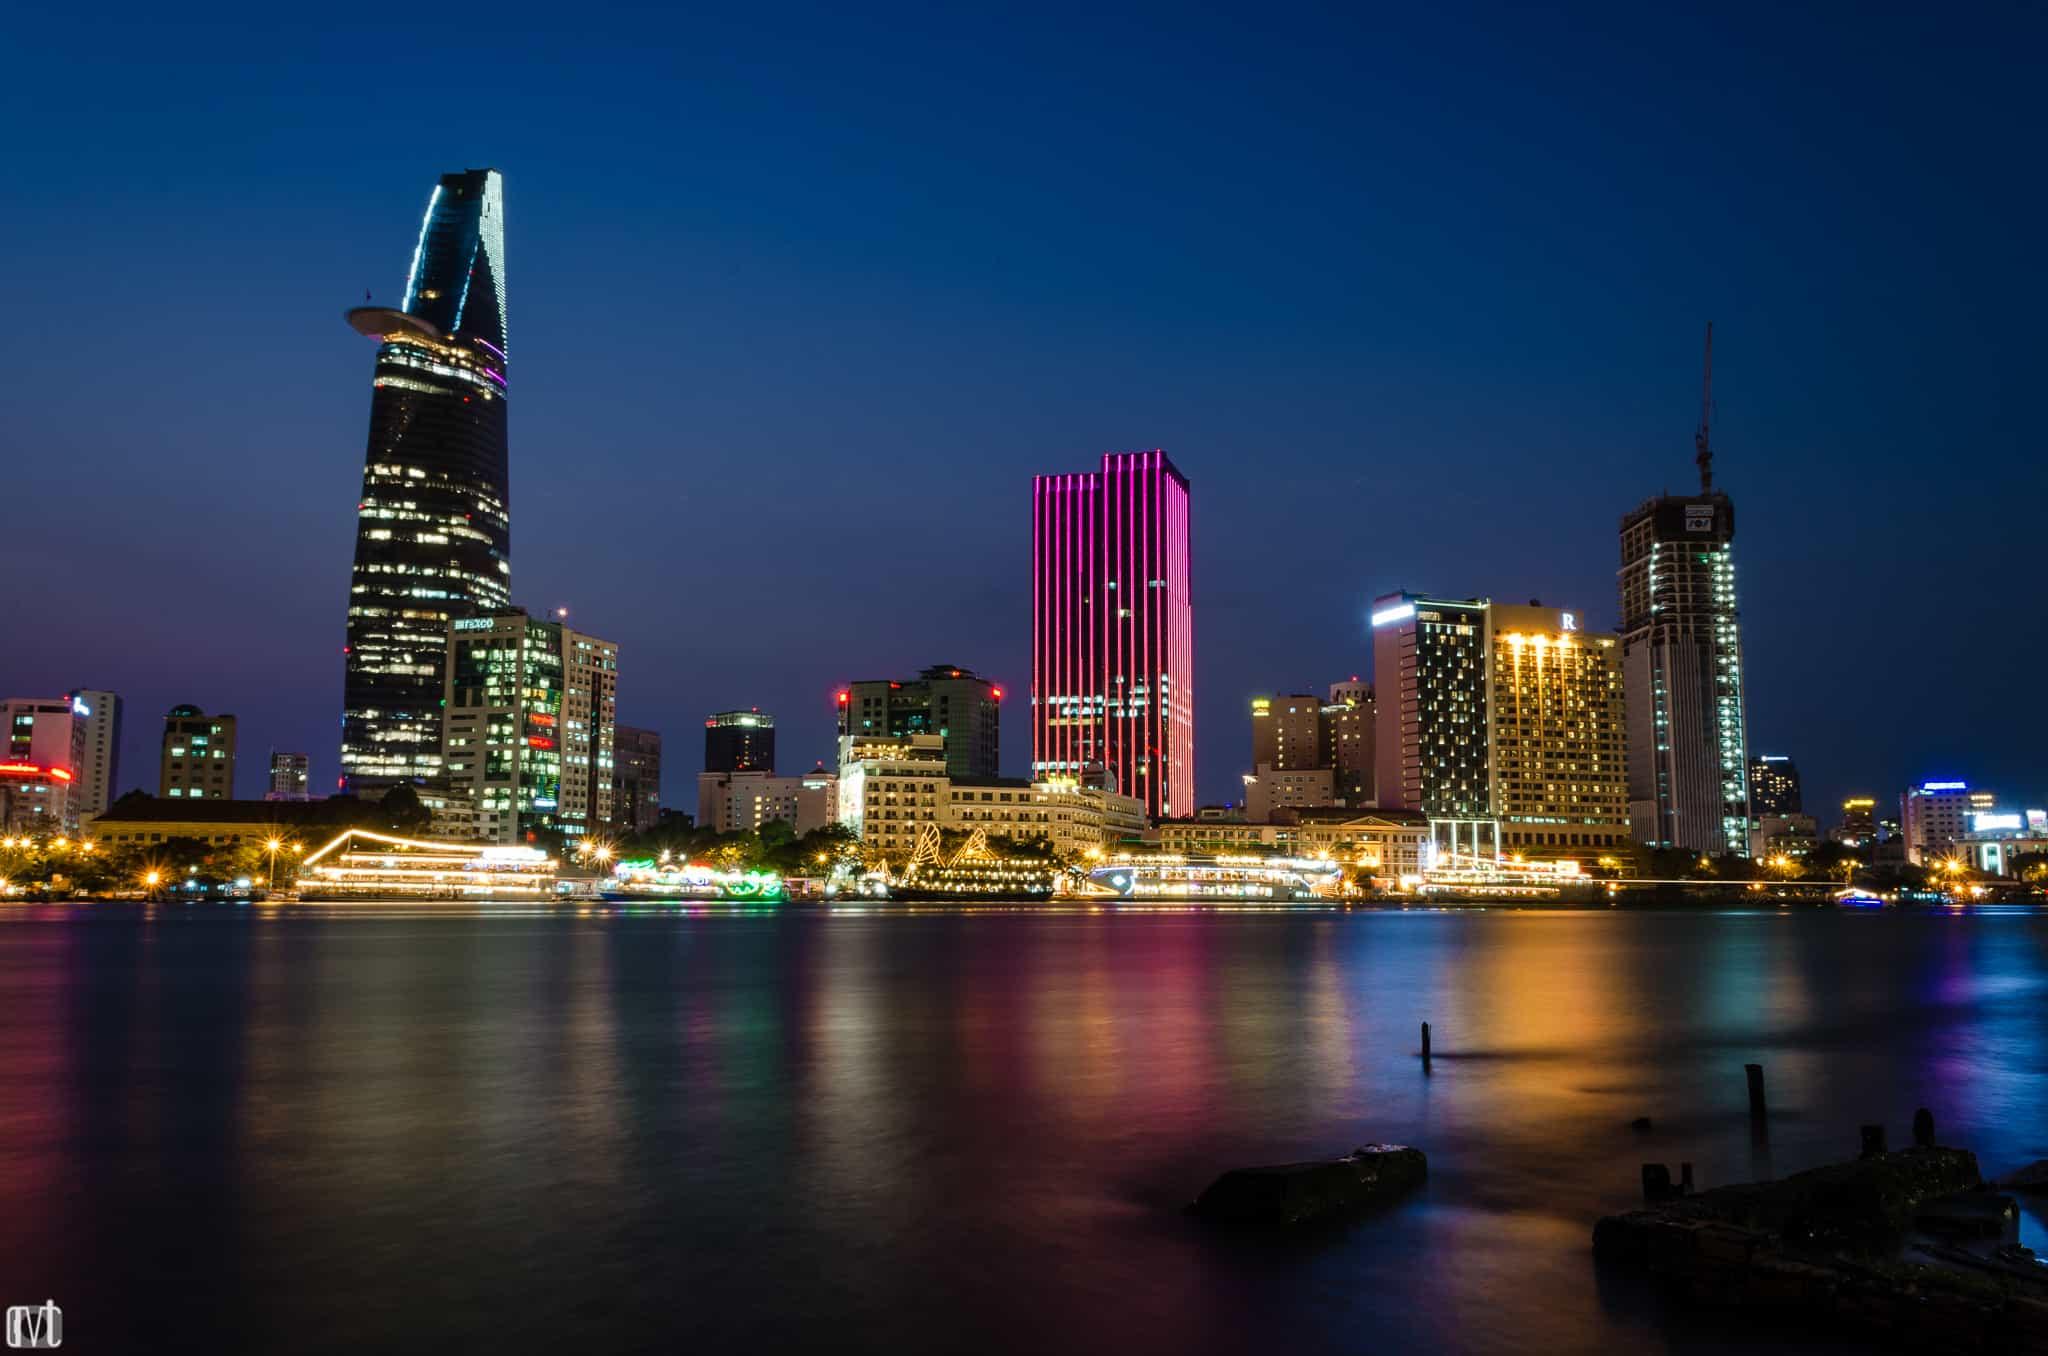 dich-vu-ship-hang-my-ve-sai-gon-gia-re-nhanh-chong-an-toan Ship hàng Mỹ về Sài Gòn giá rẻ, uy tín, đảm bảo, đúng thời gian